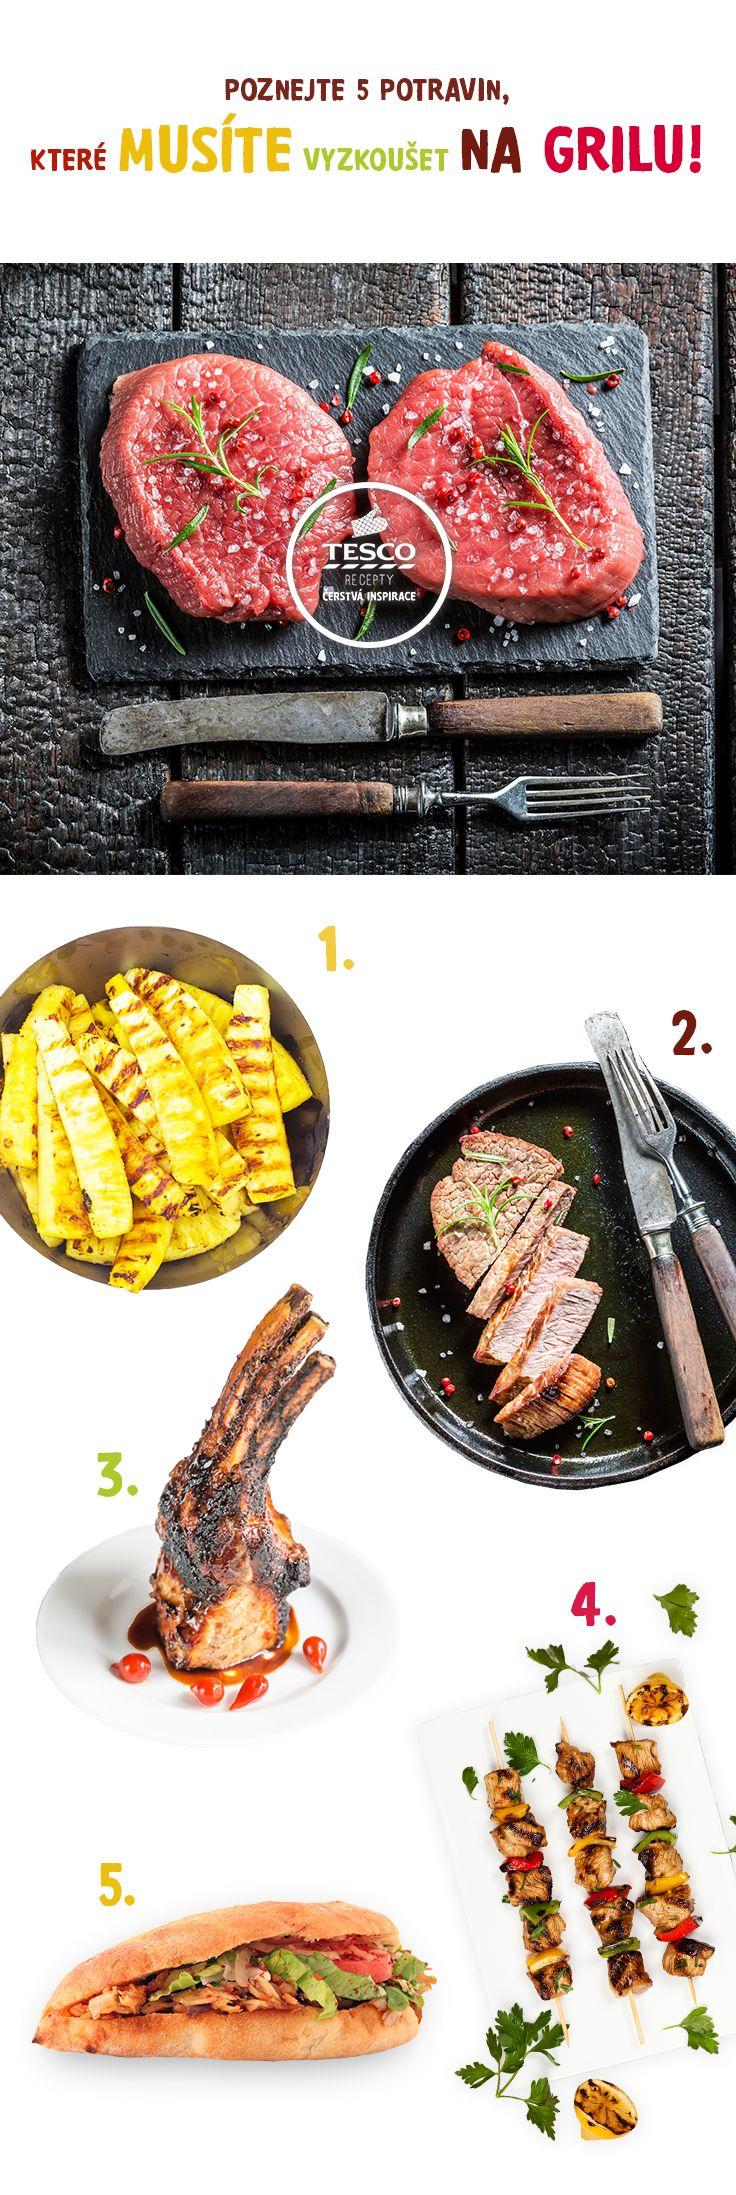 Vyzkoušejte ty nejlepší potraviny na grilu. ;-) Zaručujeme, že si pochutnáte.